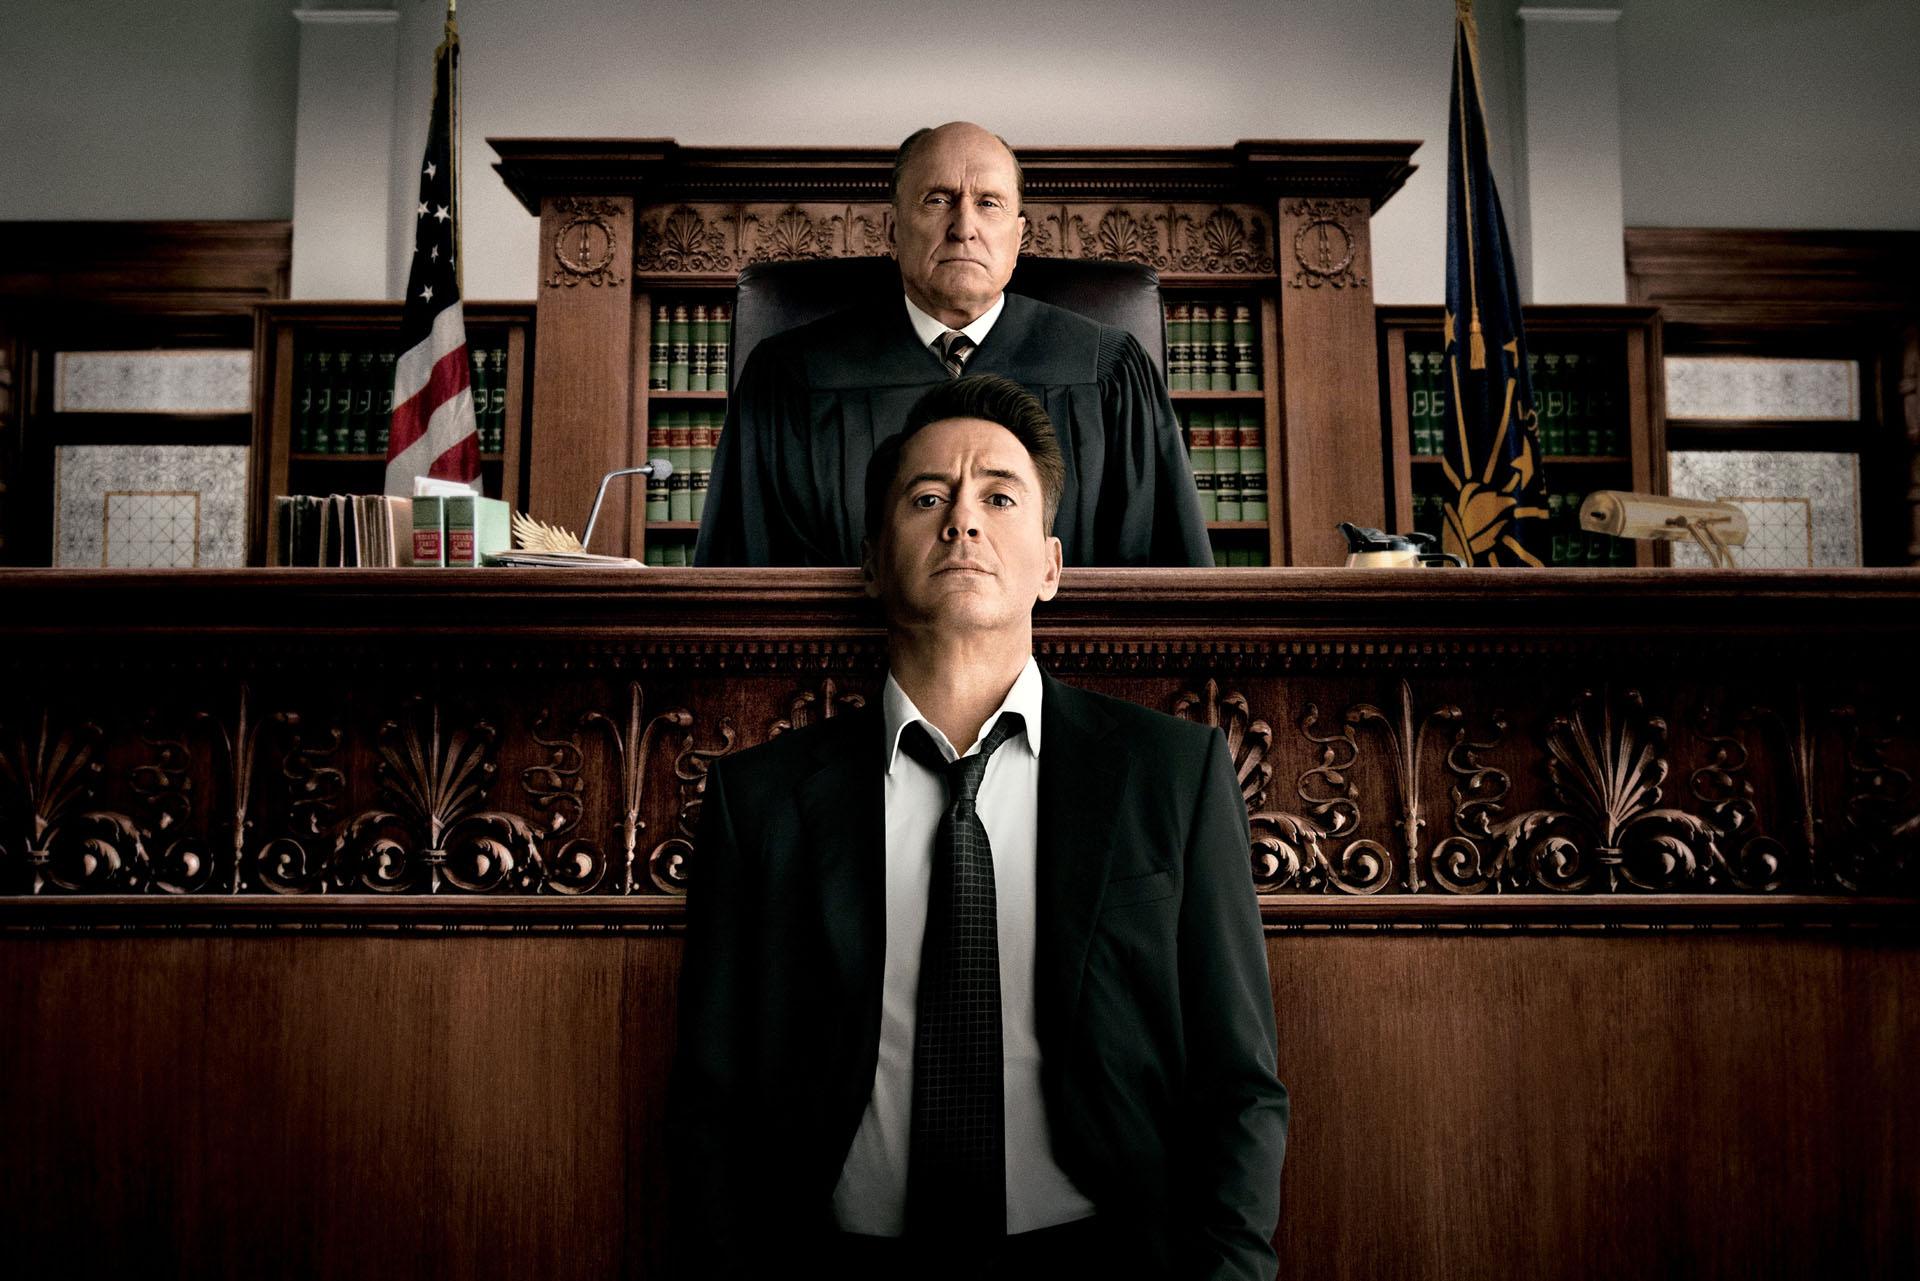 Der Richter - Sein Wichtigster Fall